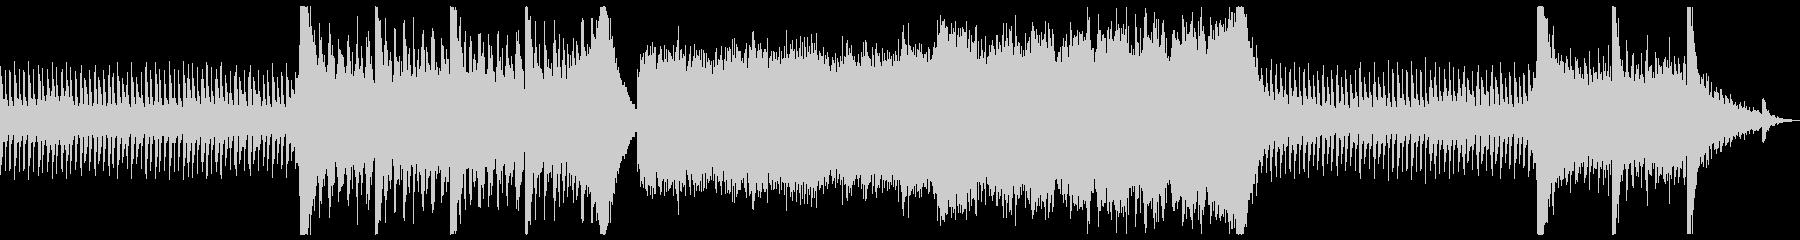 サスペンスが一気に急展開する曲の未再生の波形